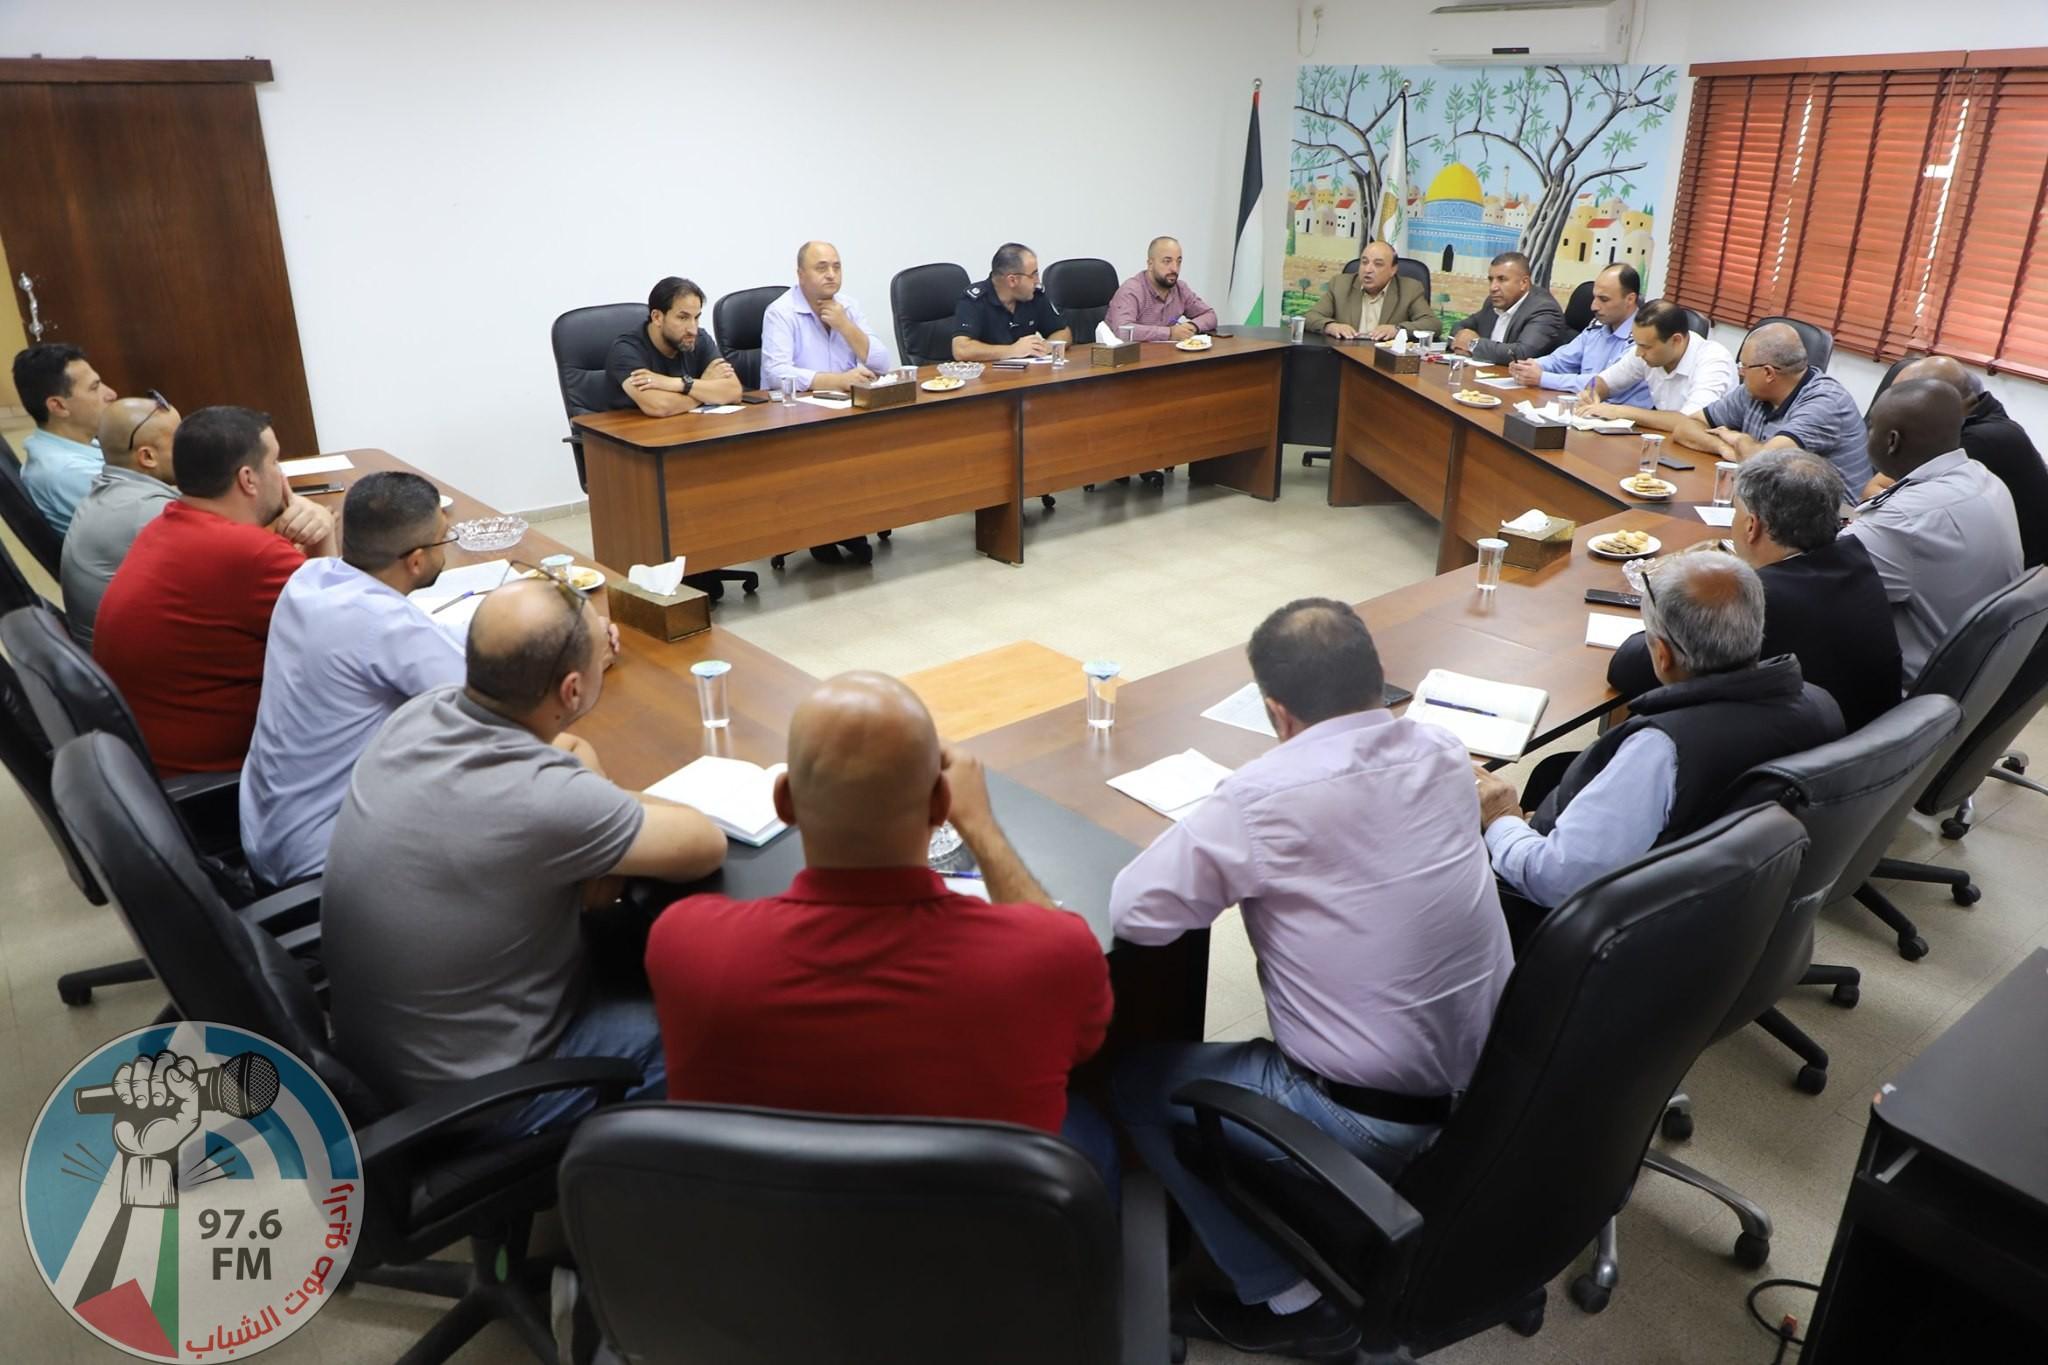 بلدية دورا تعقد اجتماعاً مع الجهات المختصة لمناقشة الخطة المشتركة لإزالة التعديات في المدينة